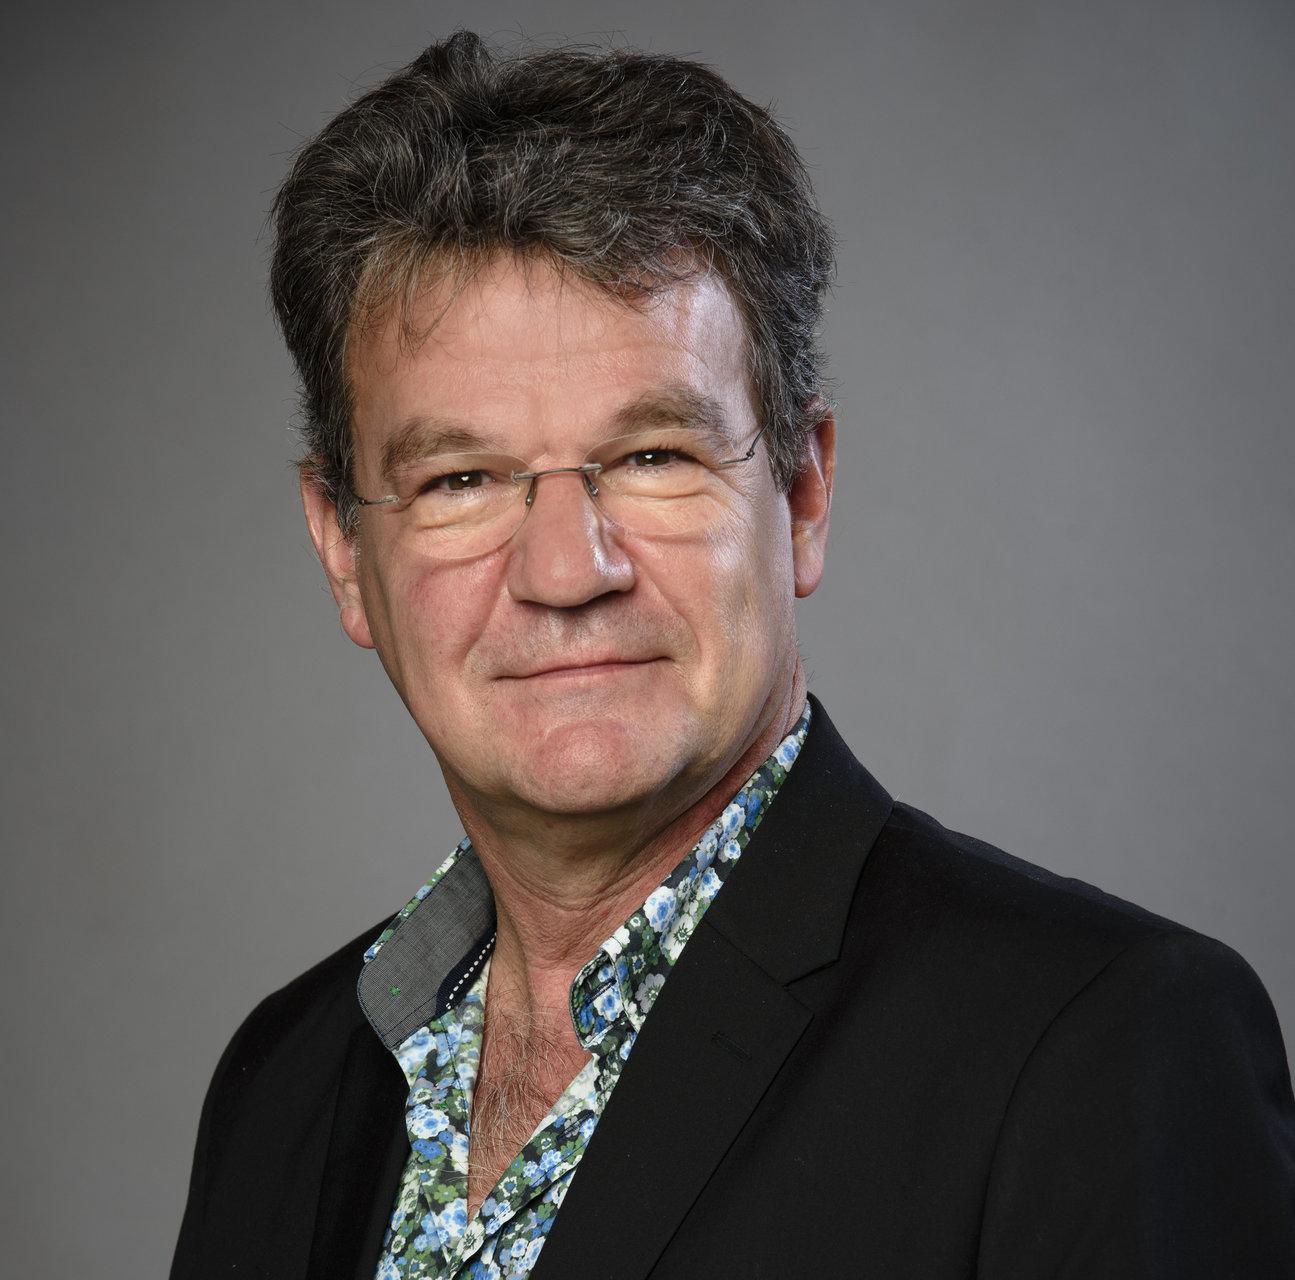 Coen van der Hoeven